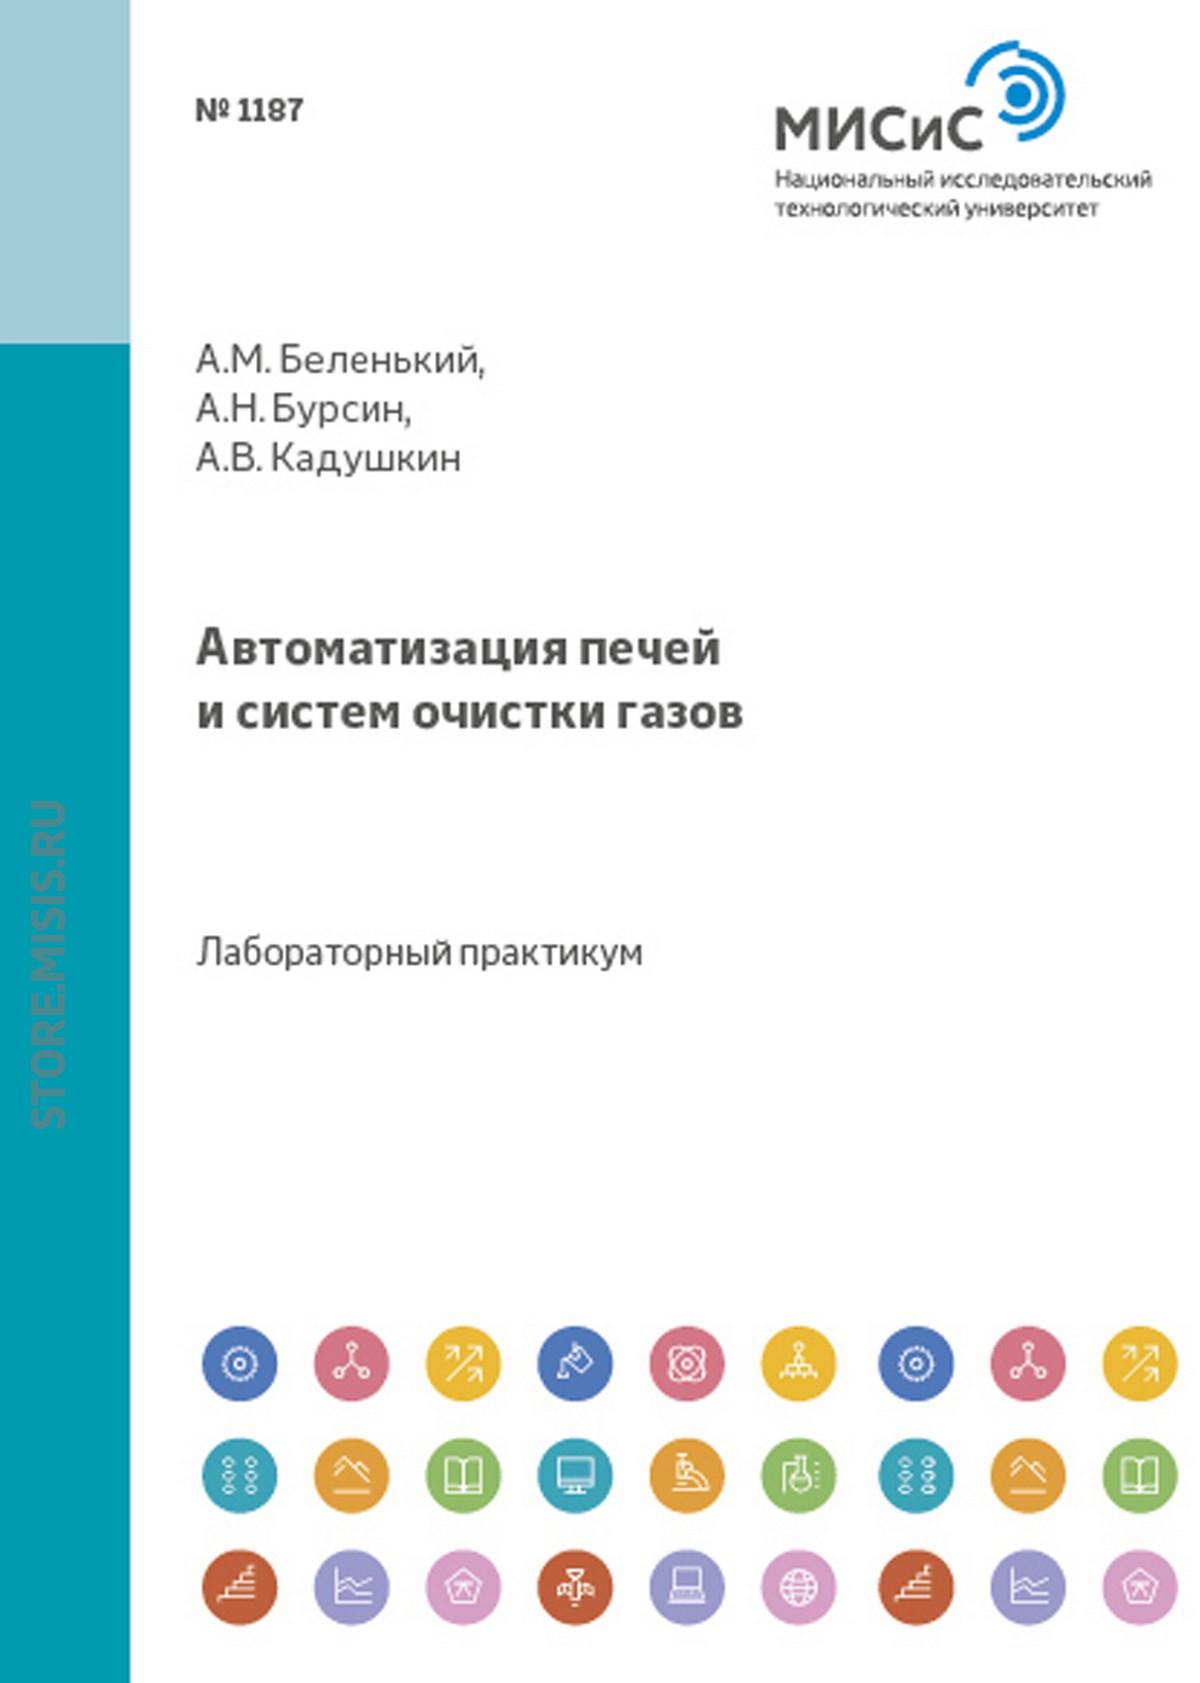 А. Н. Бурсин Автоматизация печей и систем очистки газов